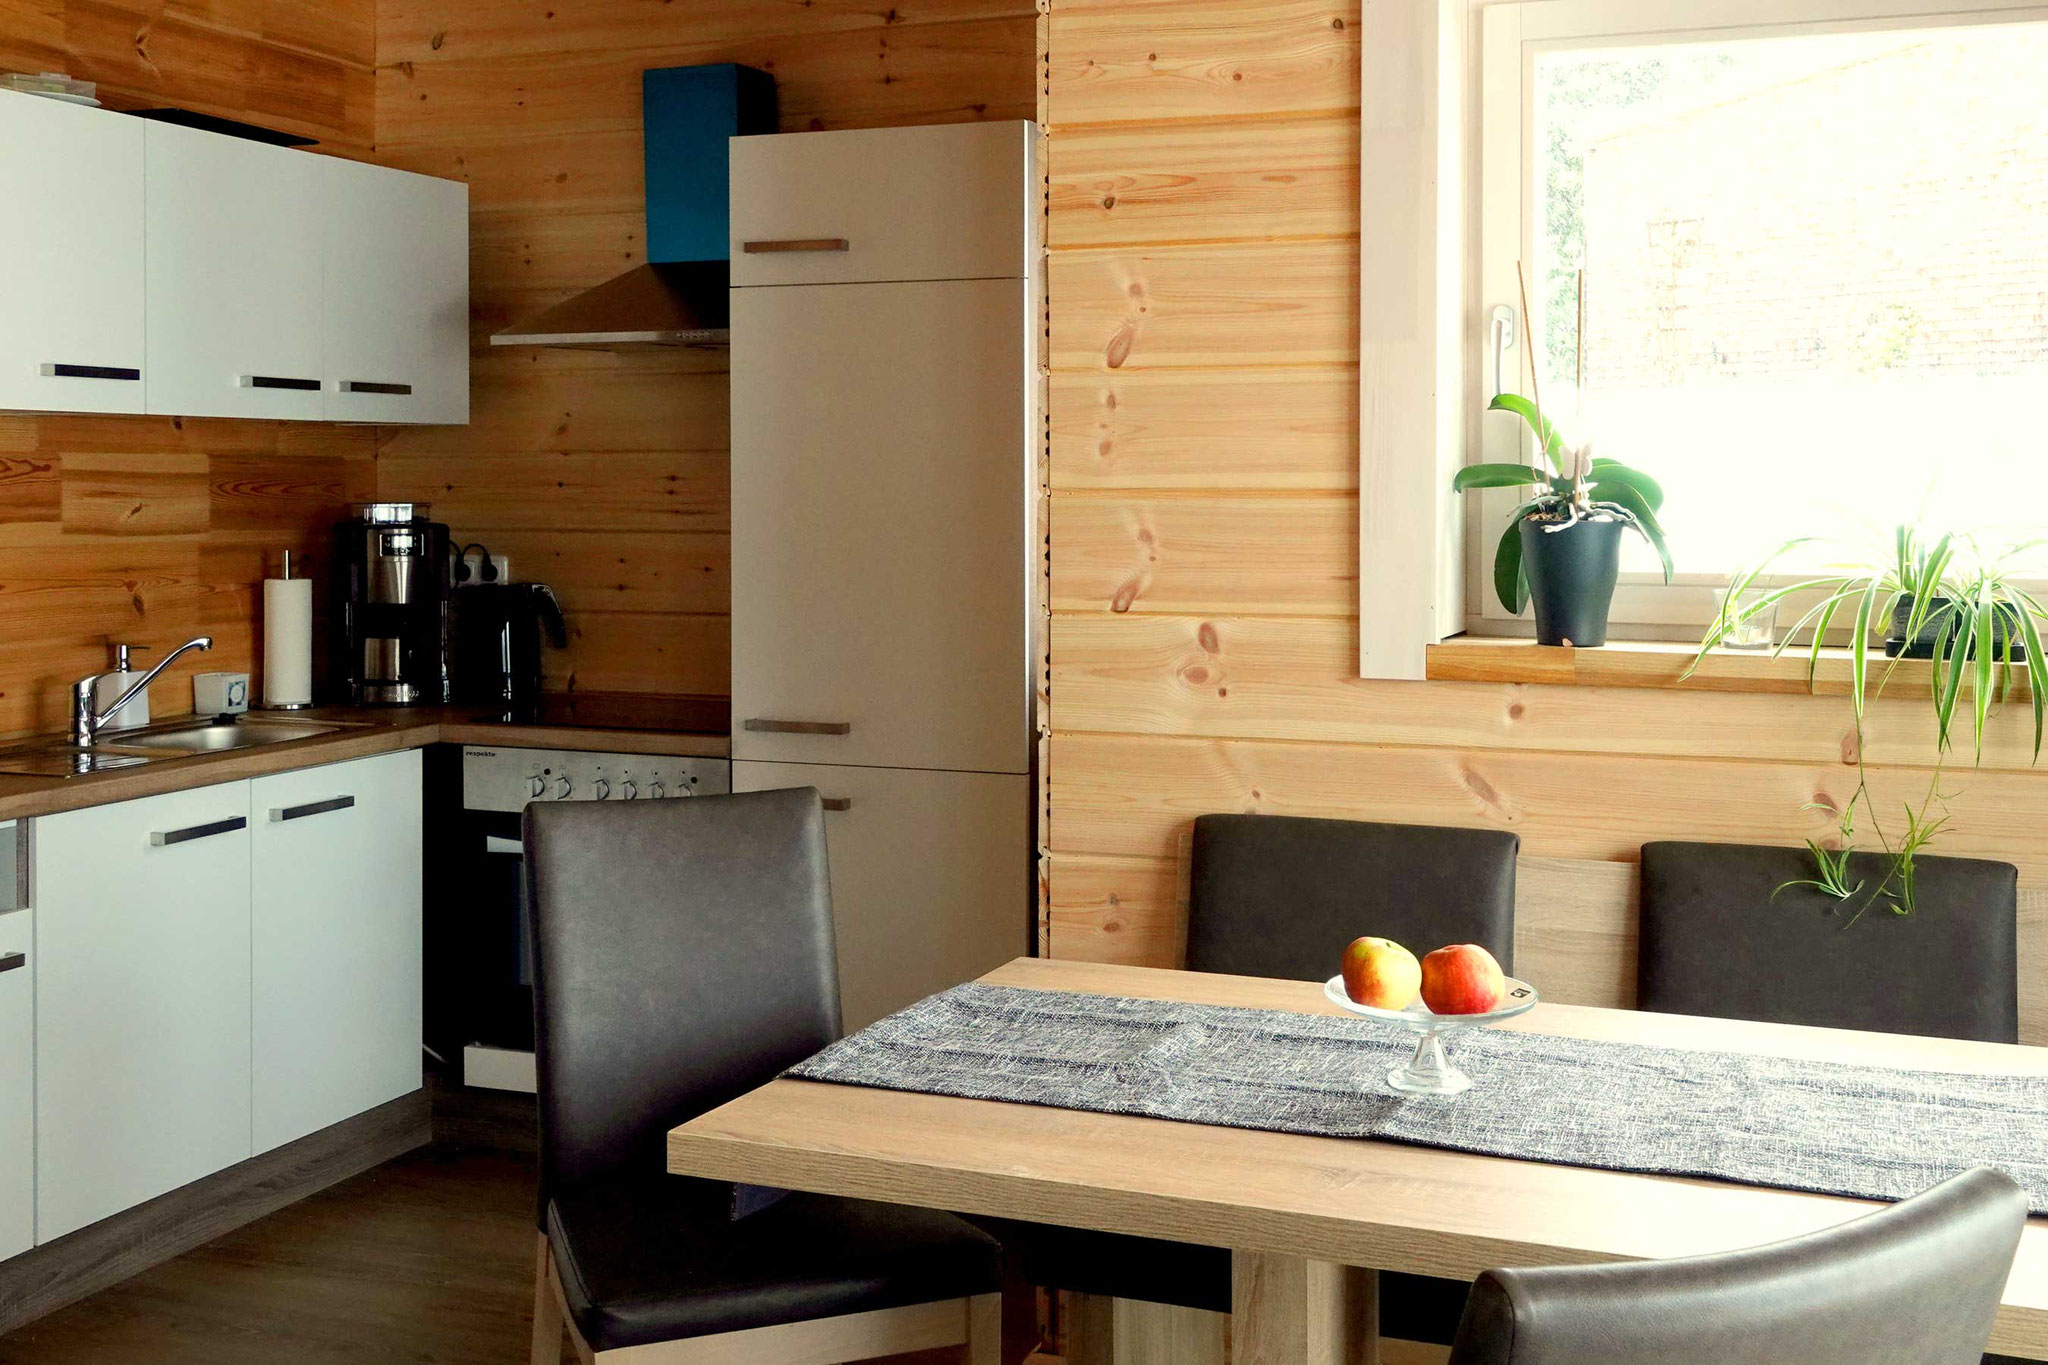 Heidi im Tal, ferienHAUS – FERIENWOHNUNG – Küchenzeile